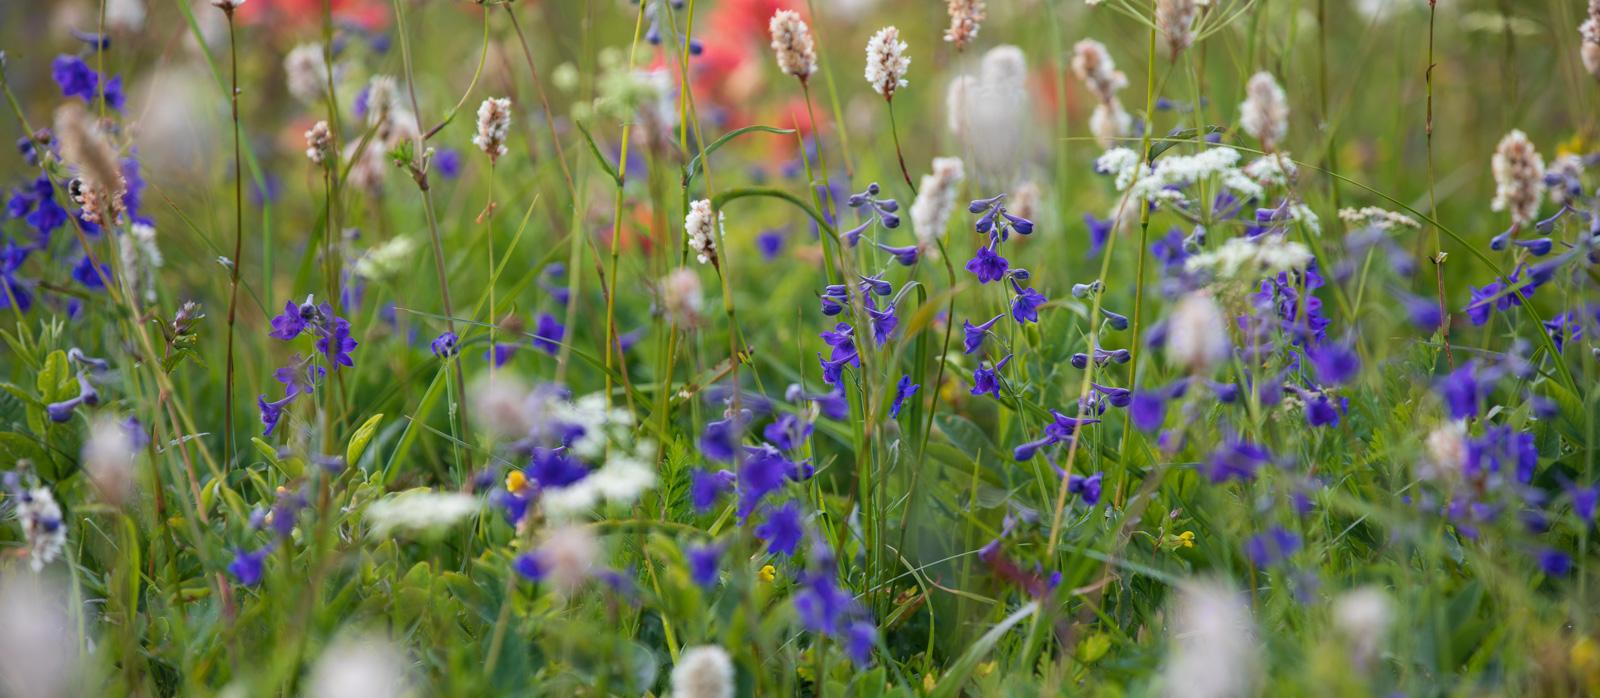 Silver Star Mountain, Washington, Delphinium nuttallii, Bistorta bistortroides